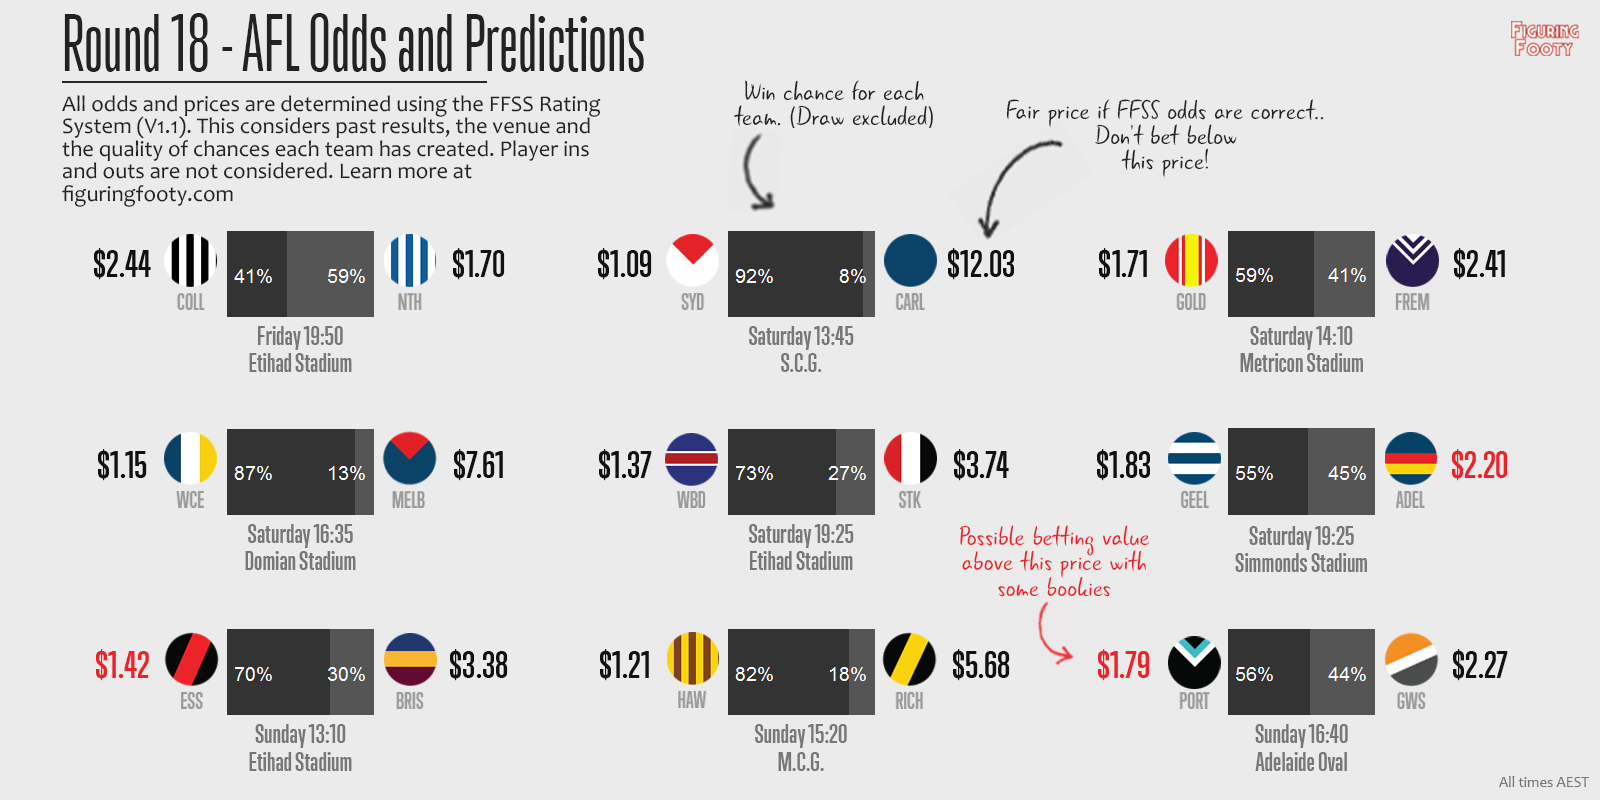 FFSS Round 18 Predictions